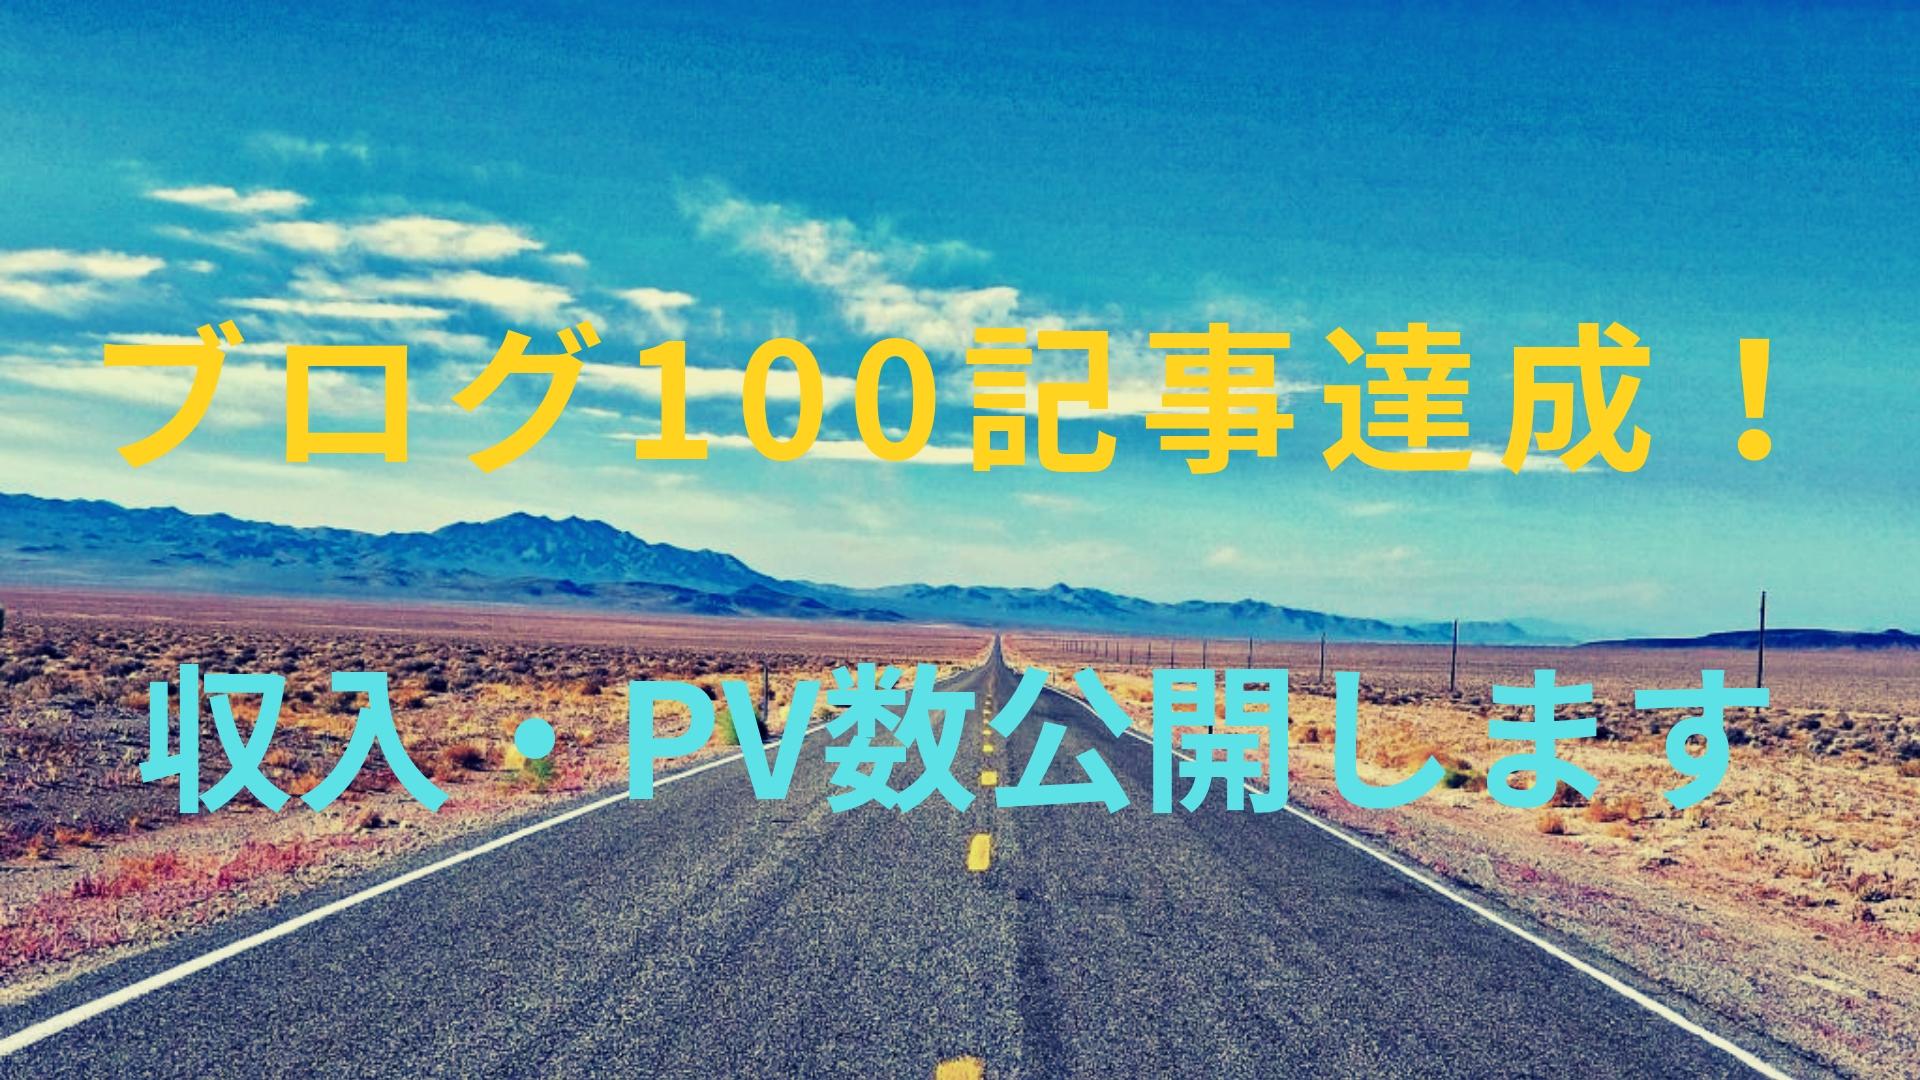 ブログ100記事達成! 収入・PV数公開します